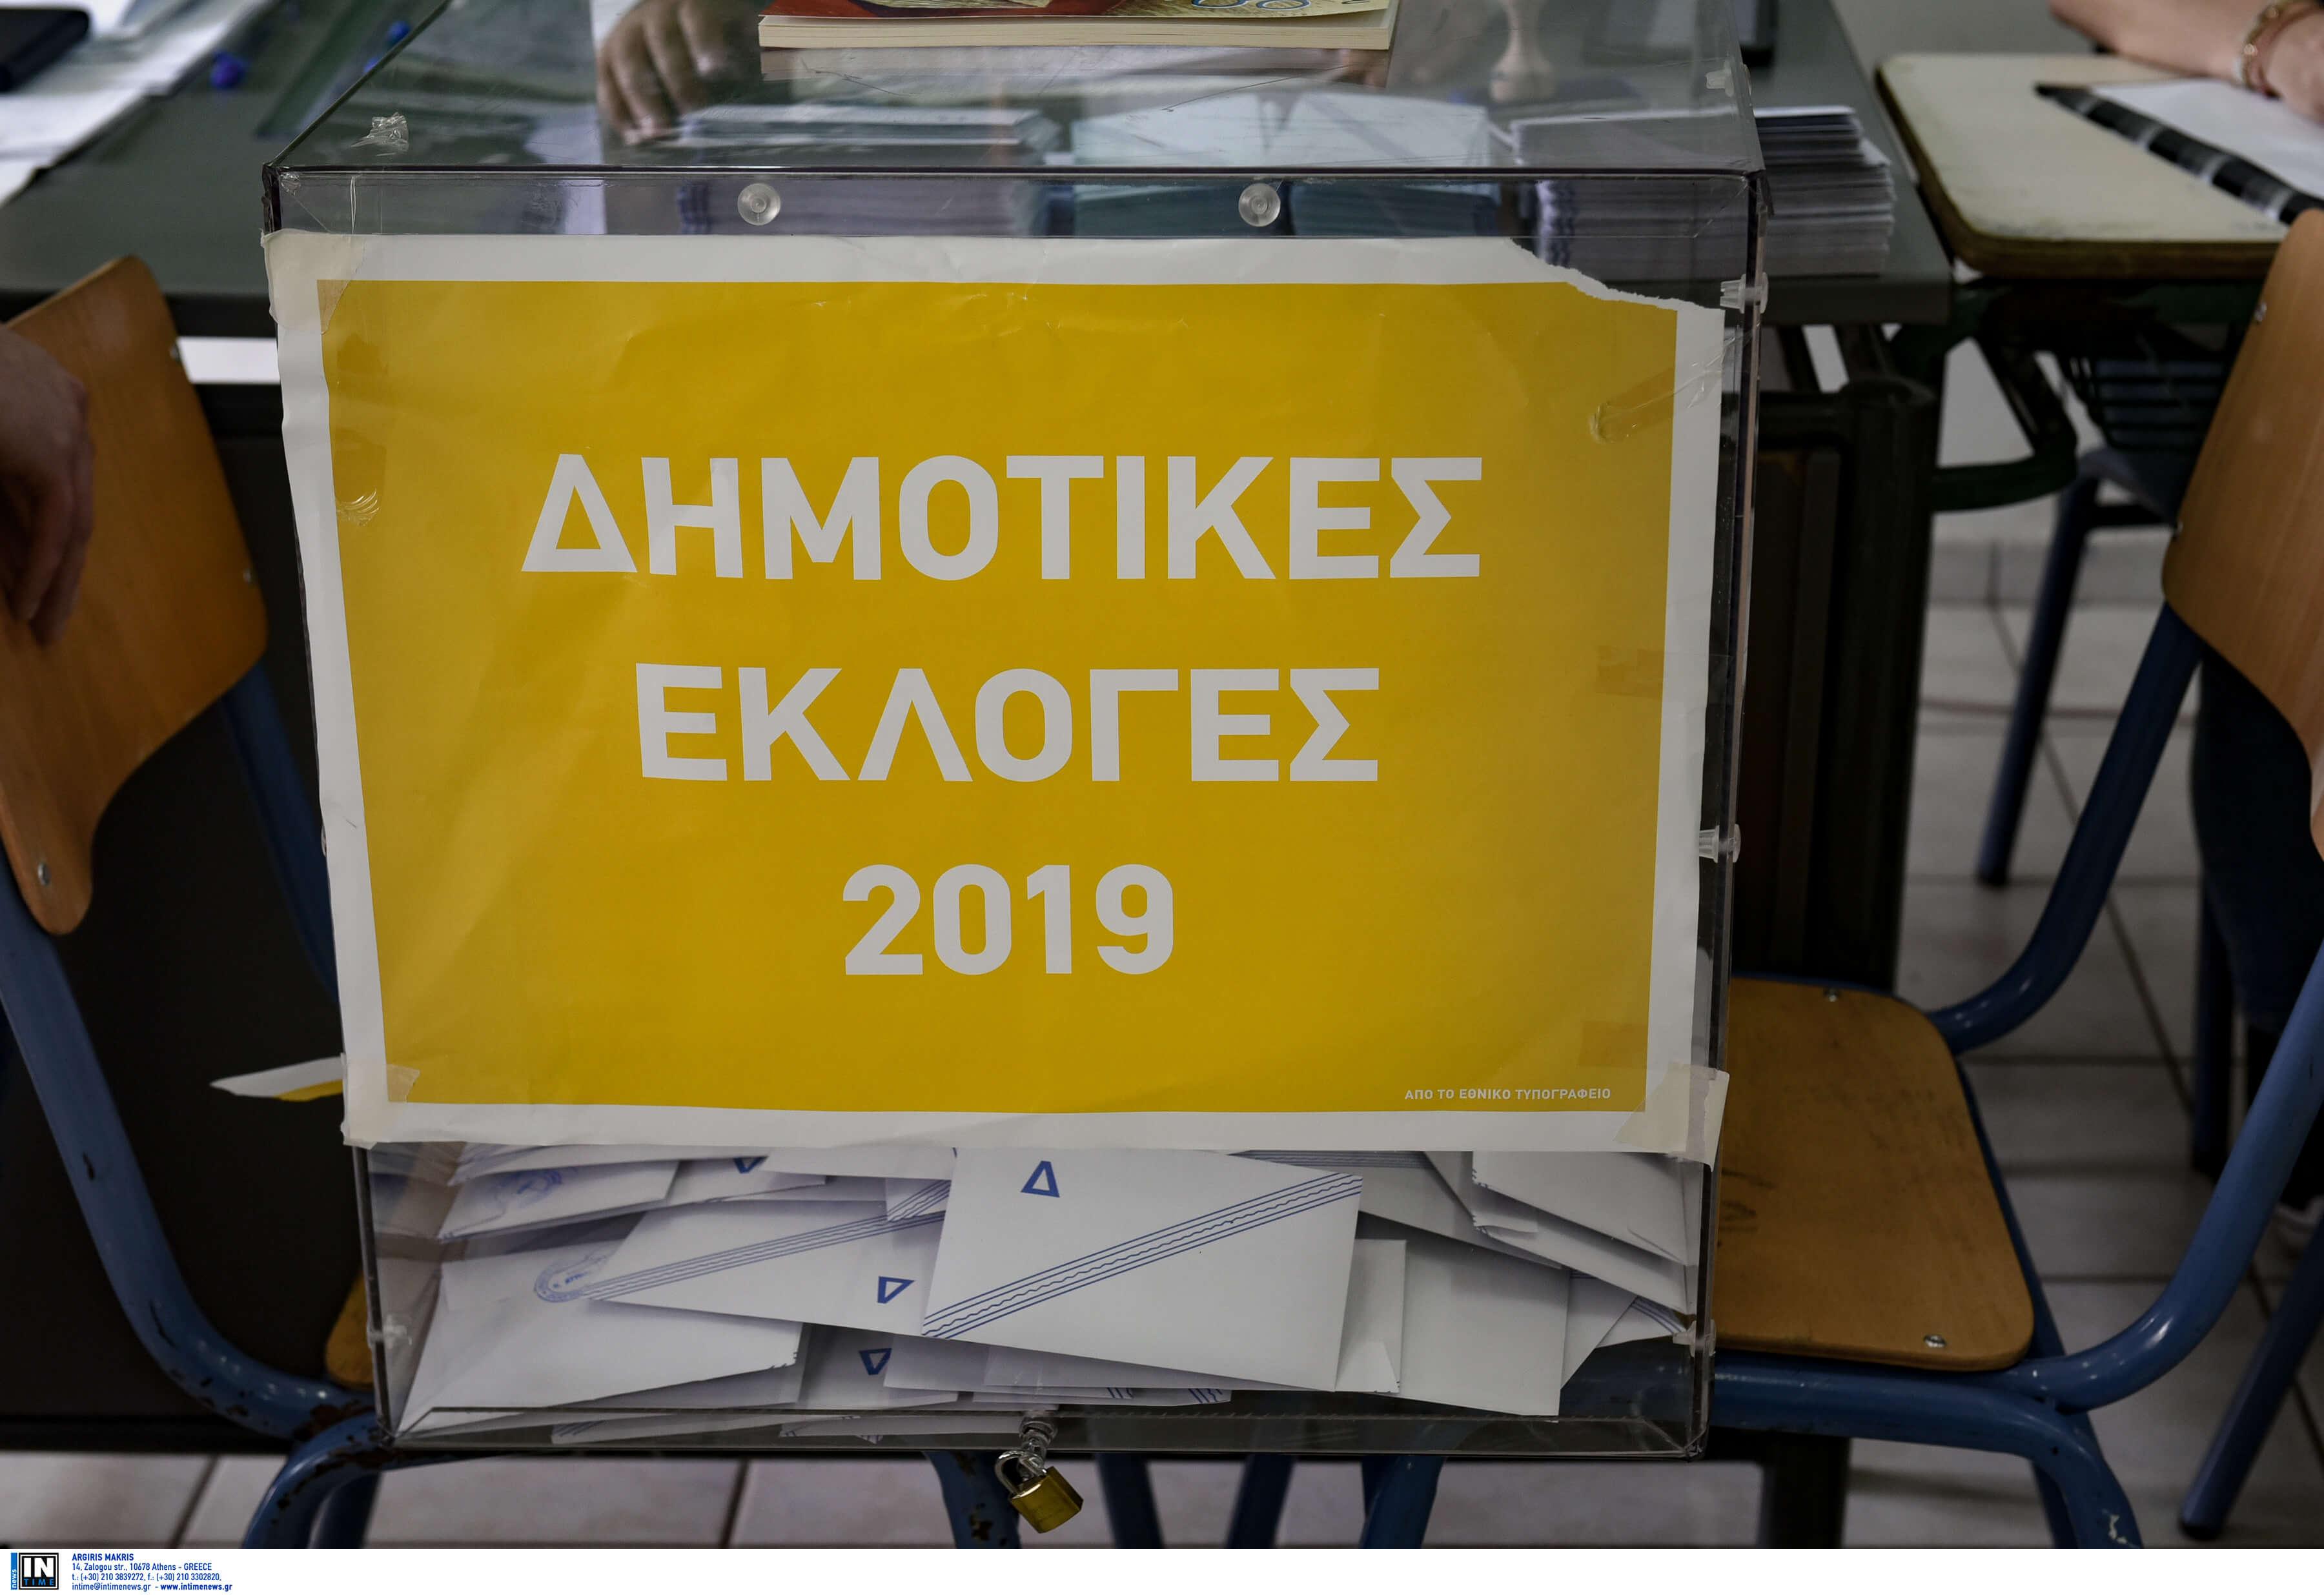 Αποτελέσματα Εκλογών – Σταυροί προτίμησης Δήμος Πάργας: Ποιοι δημοτικοί σύμβουλοι εκλέγονται